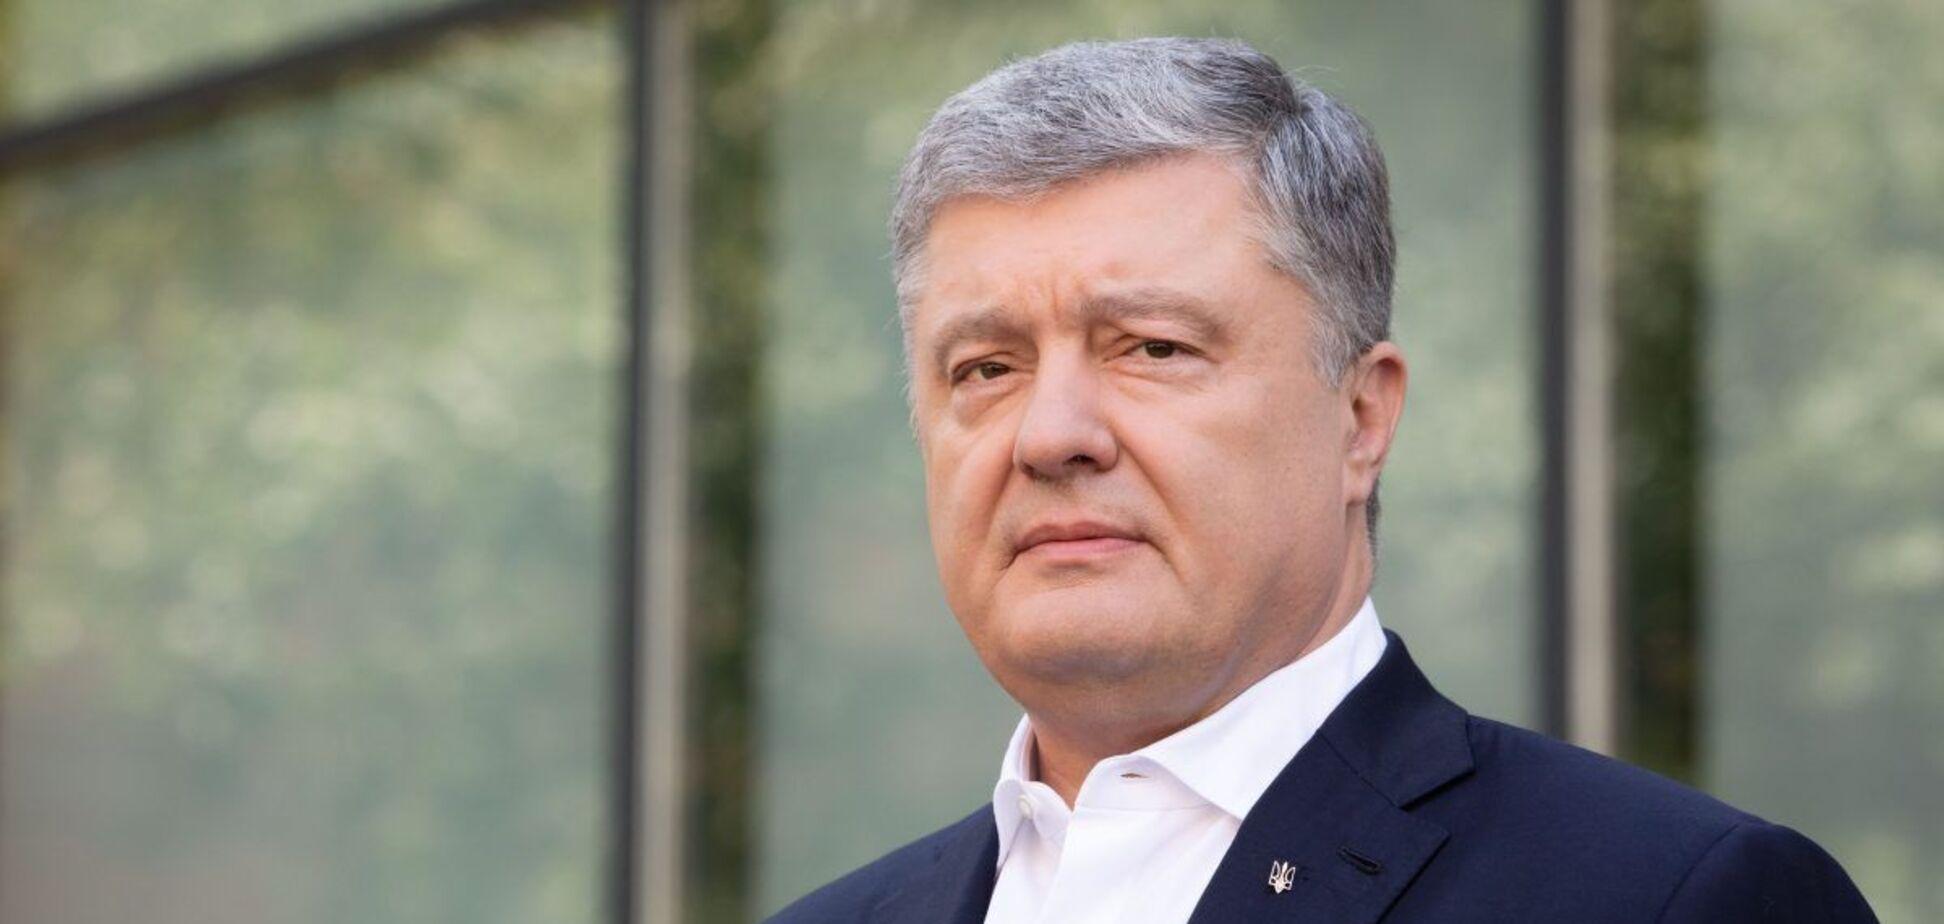 Порошенко рассказал, как в 2014 году смог получить для Украины оружие с Запада